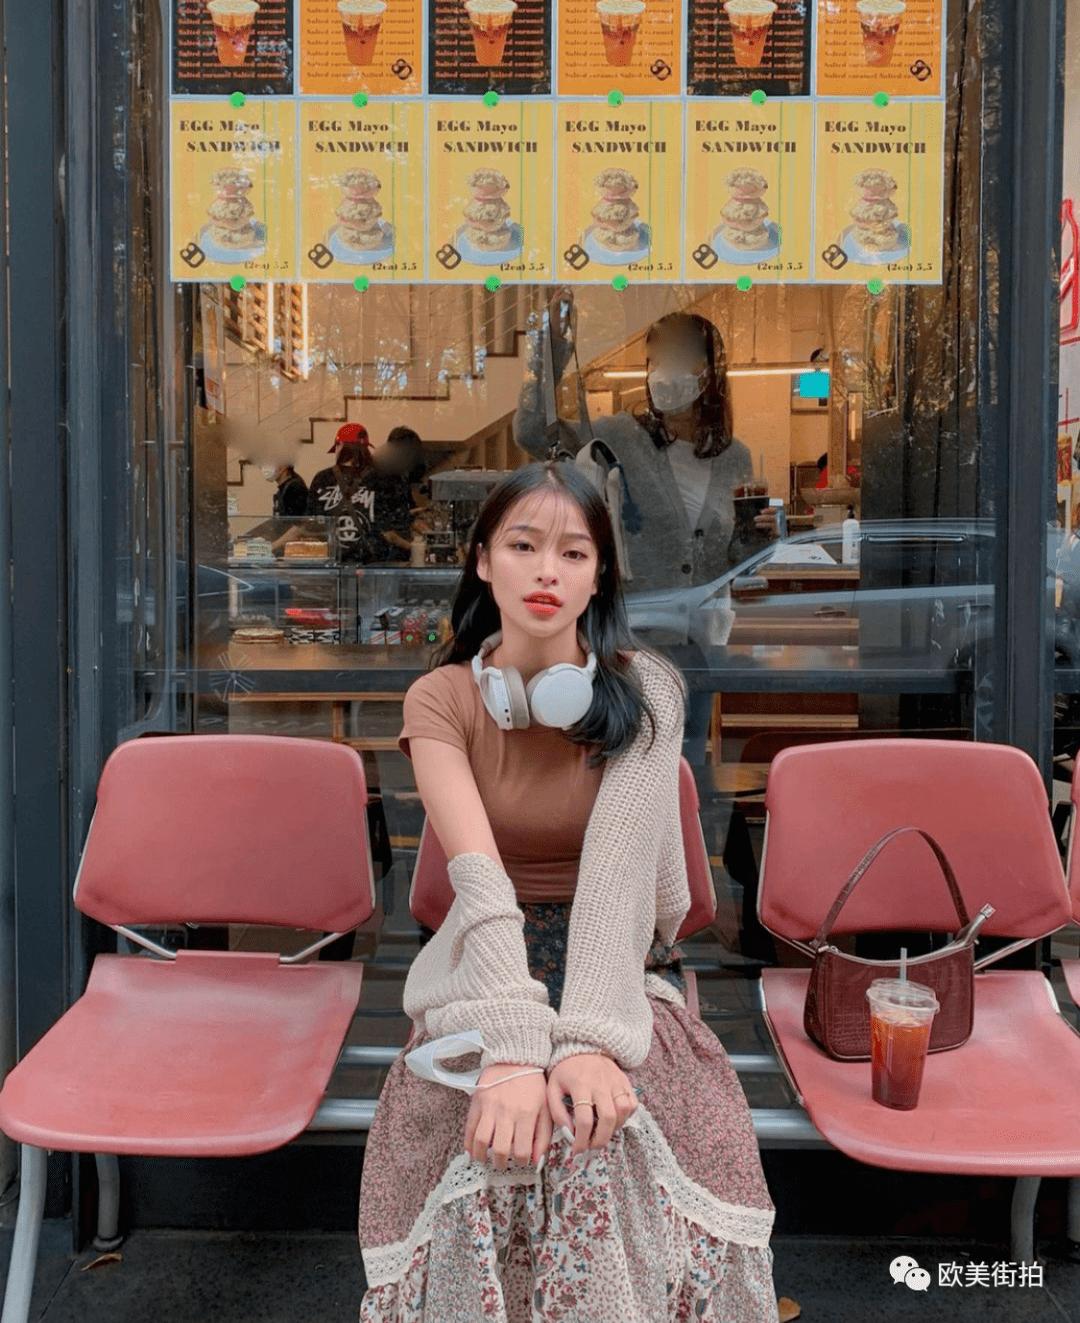 11 gợi ý lên đồ màu mè họa tiết cực xinh từ gái Hàn để bạn áp dụng  - Ảnh 1.